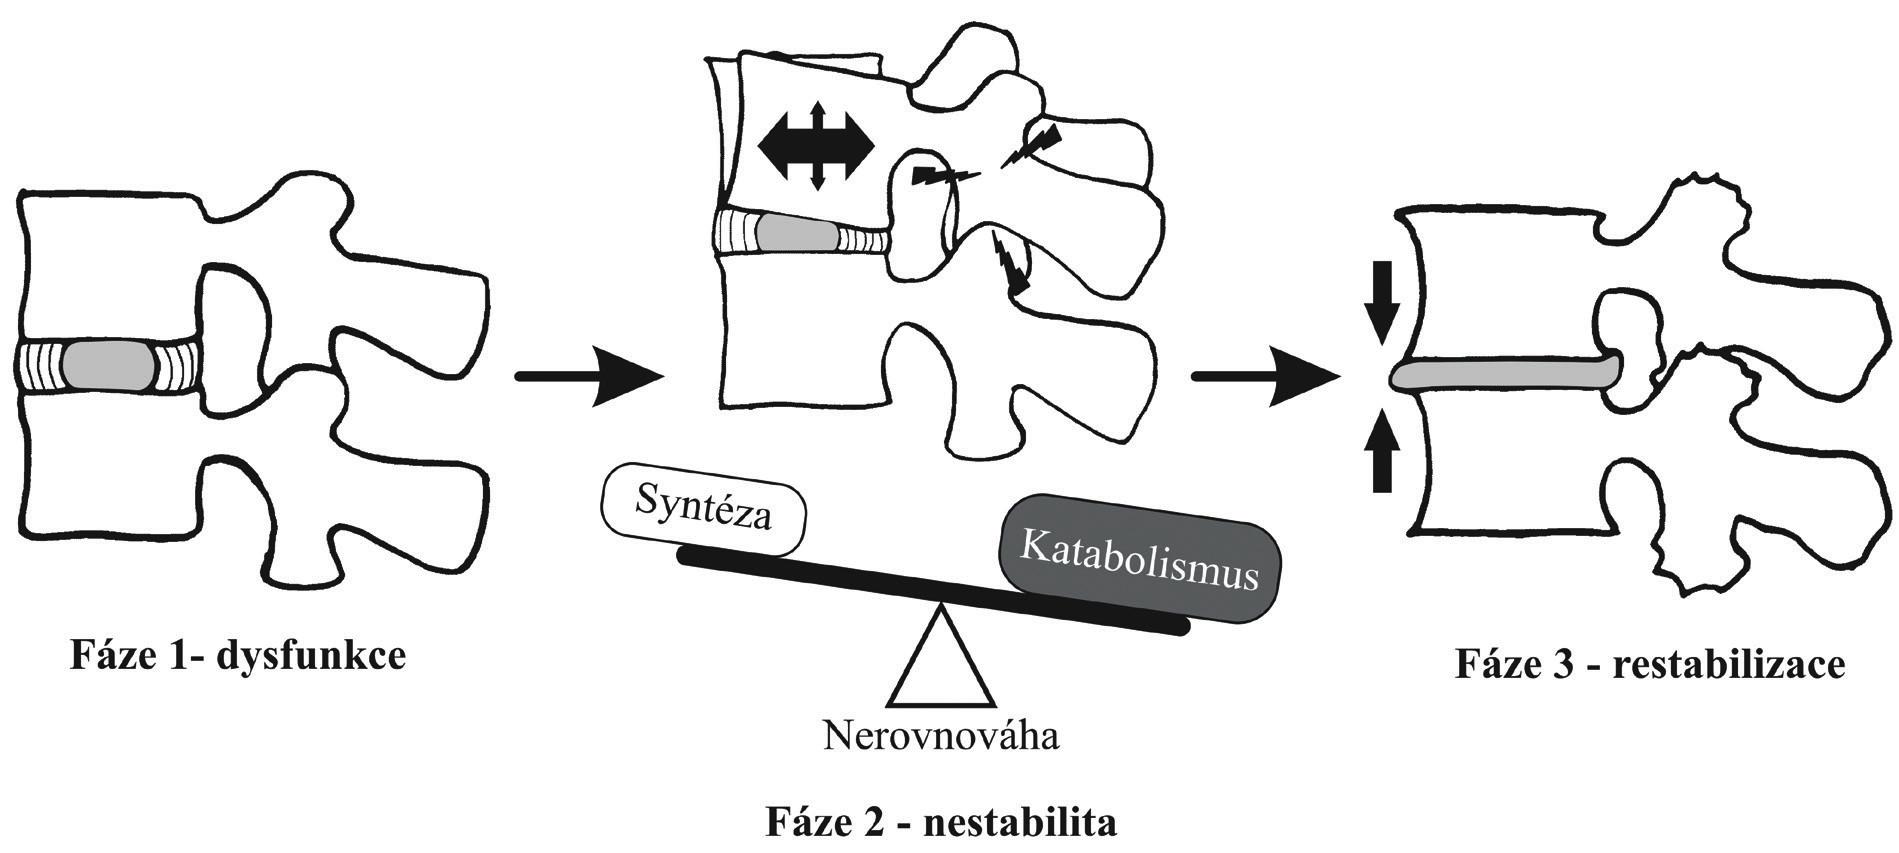 Fáze degenerativního procesu bederní páteře podle Kirkaldy-Willise a Farfana